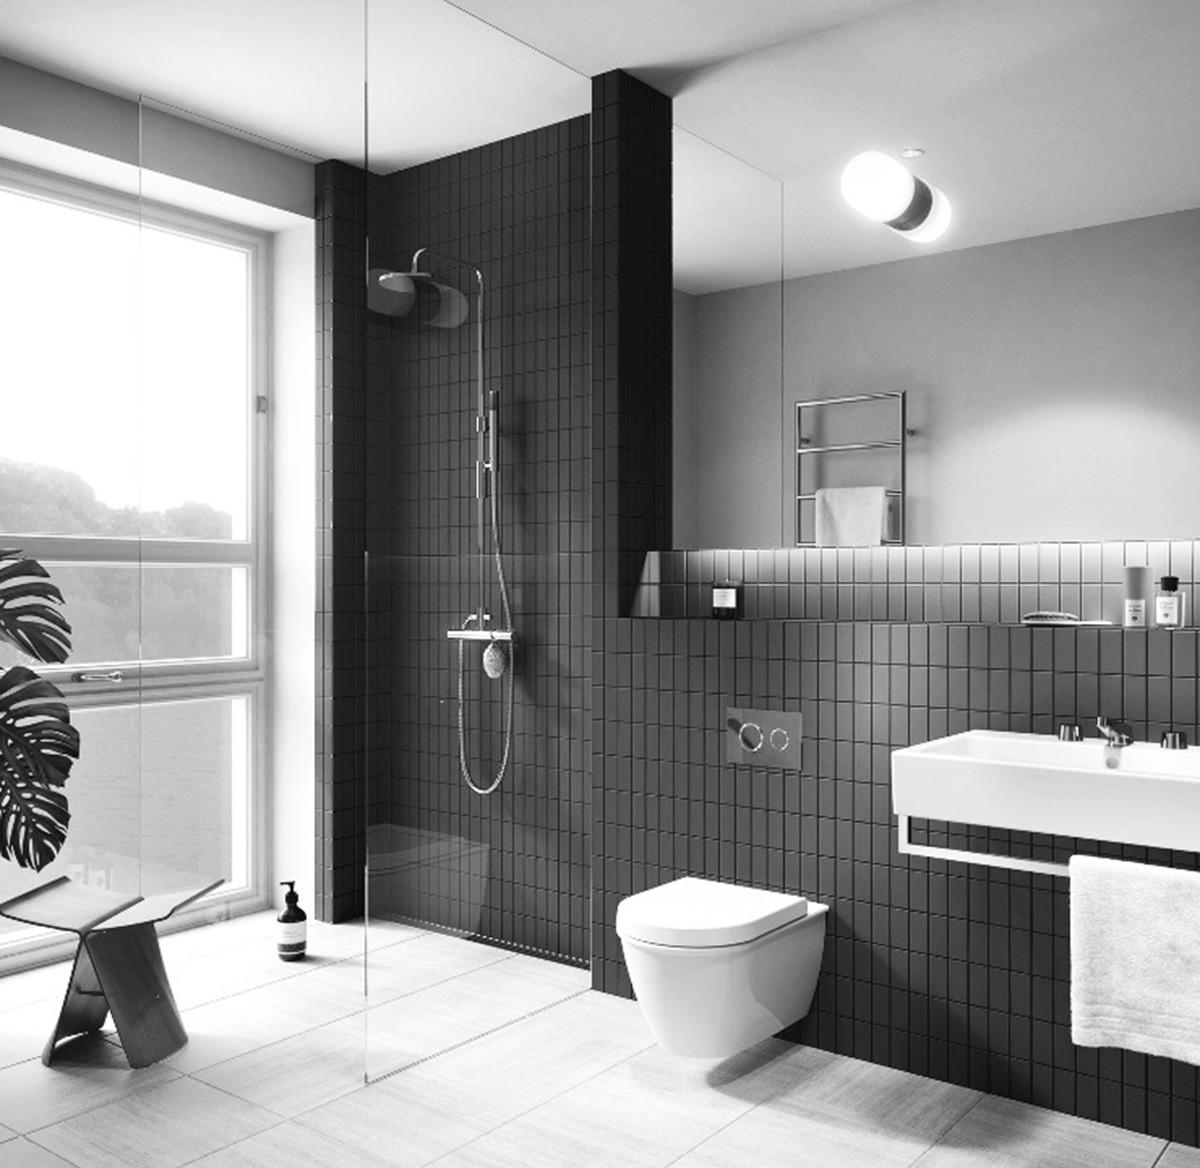 Loft风格装修卫生间效果图